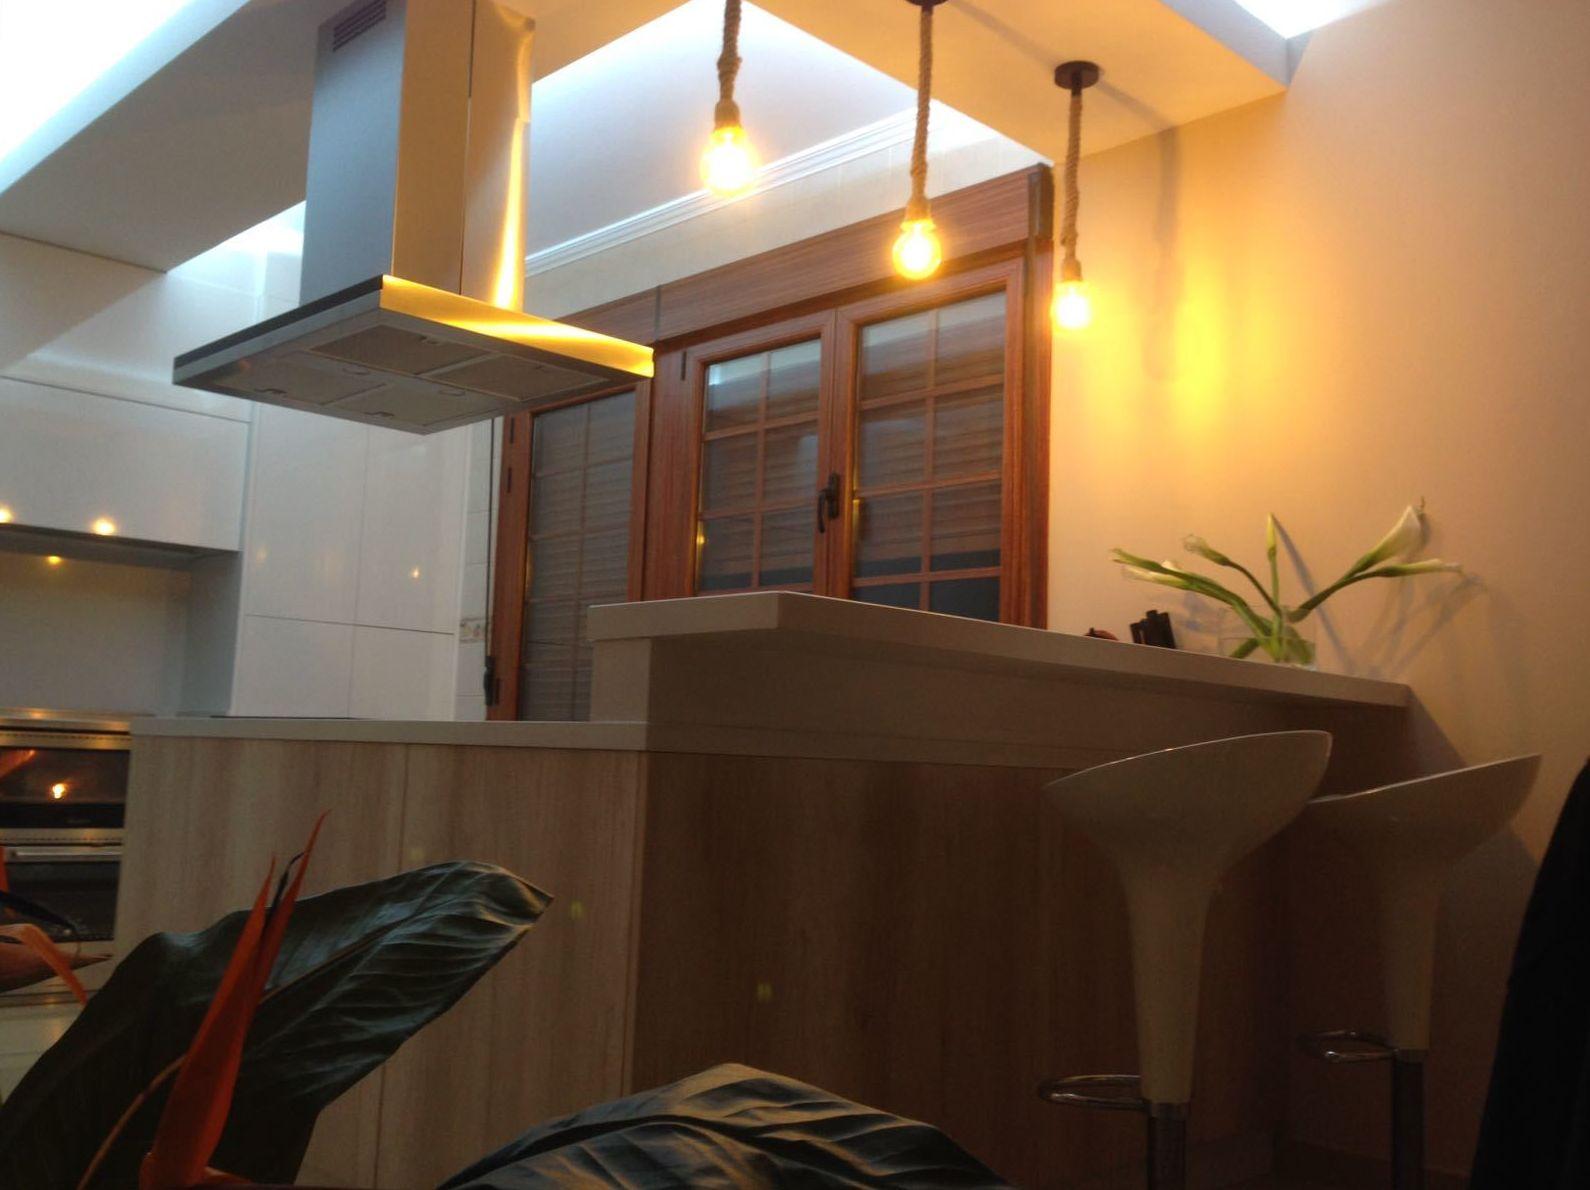 Instalación de muebles de cocina en Madird